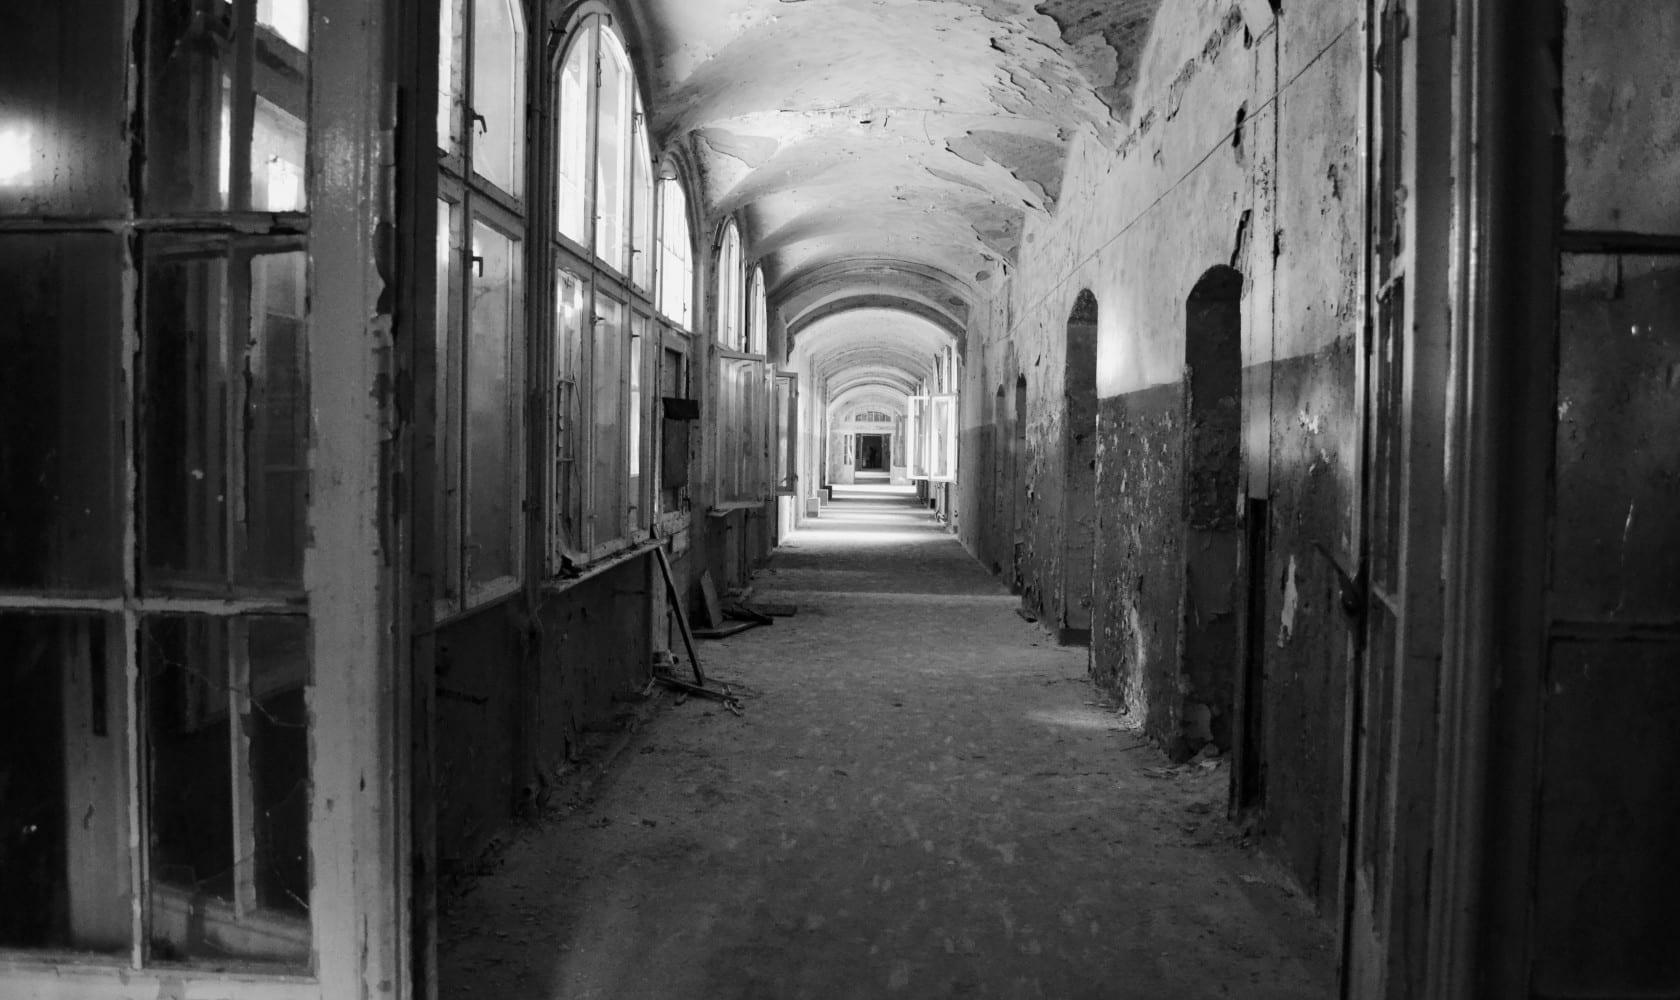 2015-09-Life-of-Pix-free-stock-photos-corridor-abandoned-place-fresonneveld